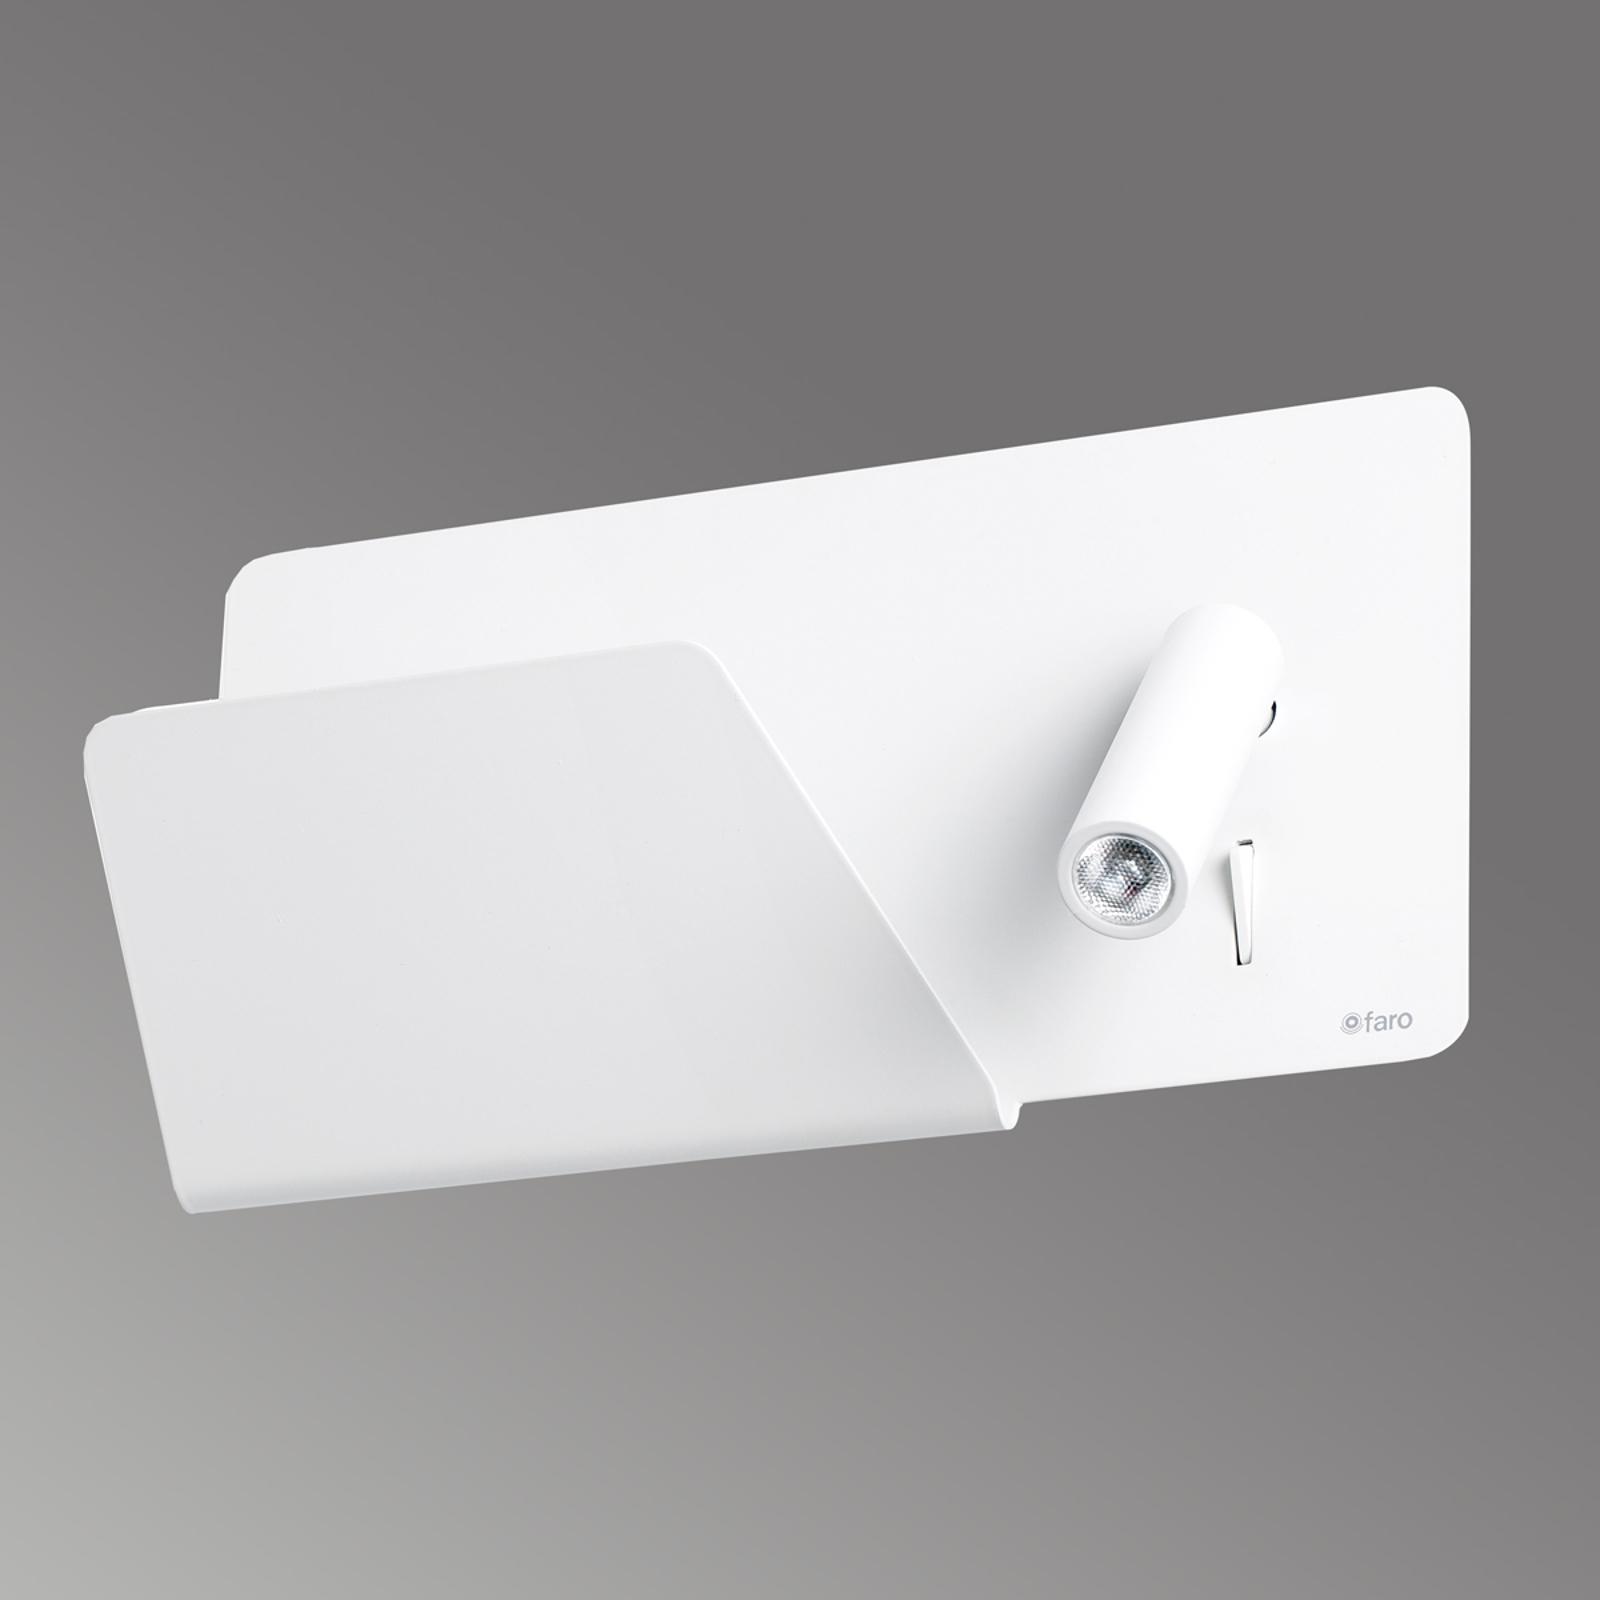 Suau - Applique LED avec surface de dépose, blanc